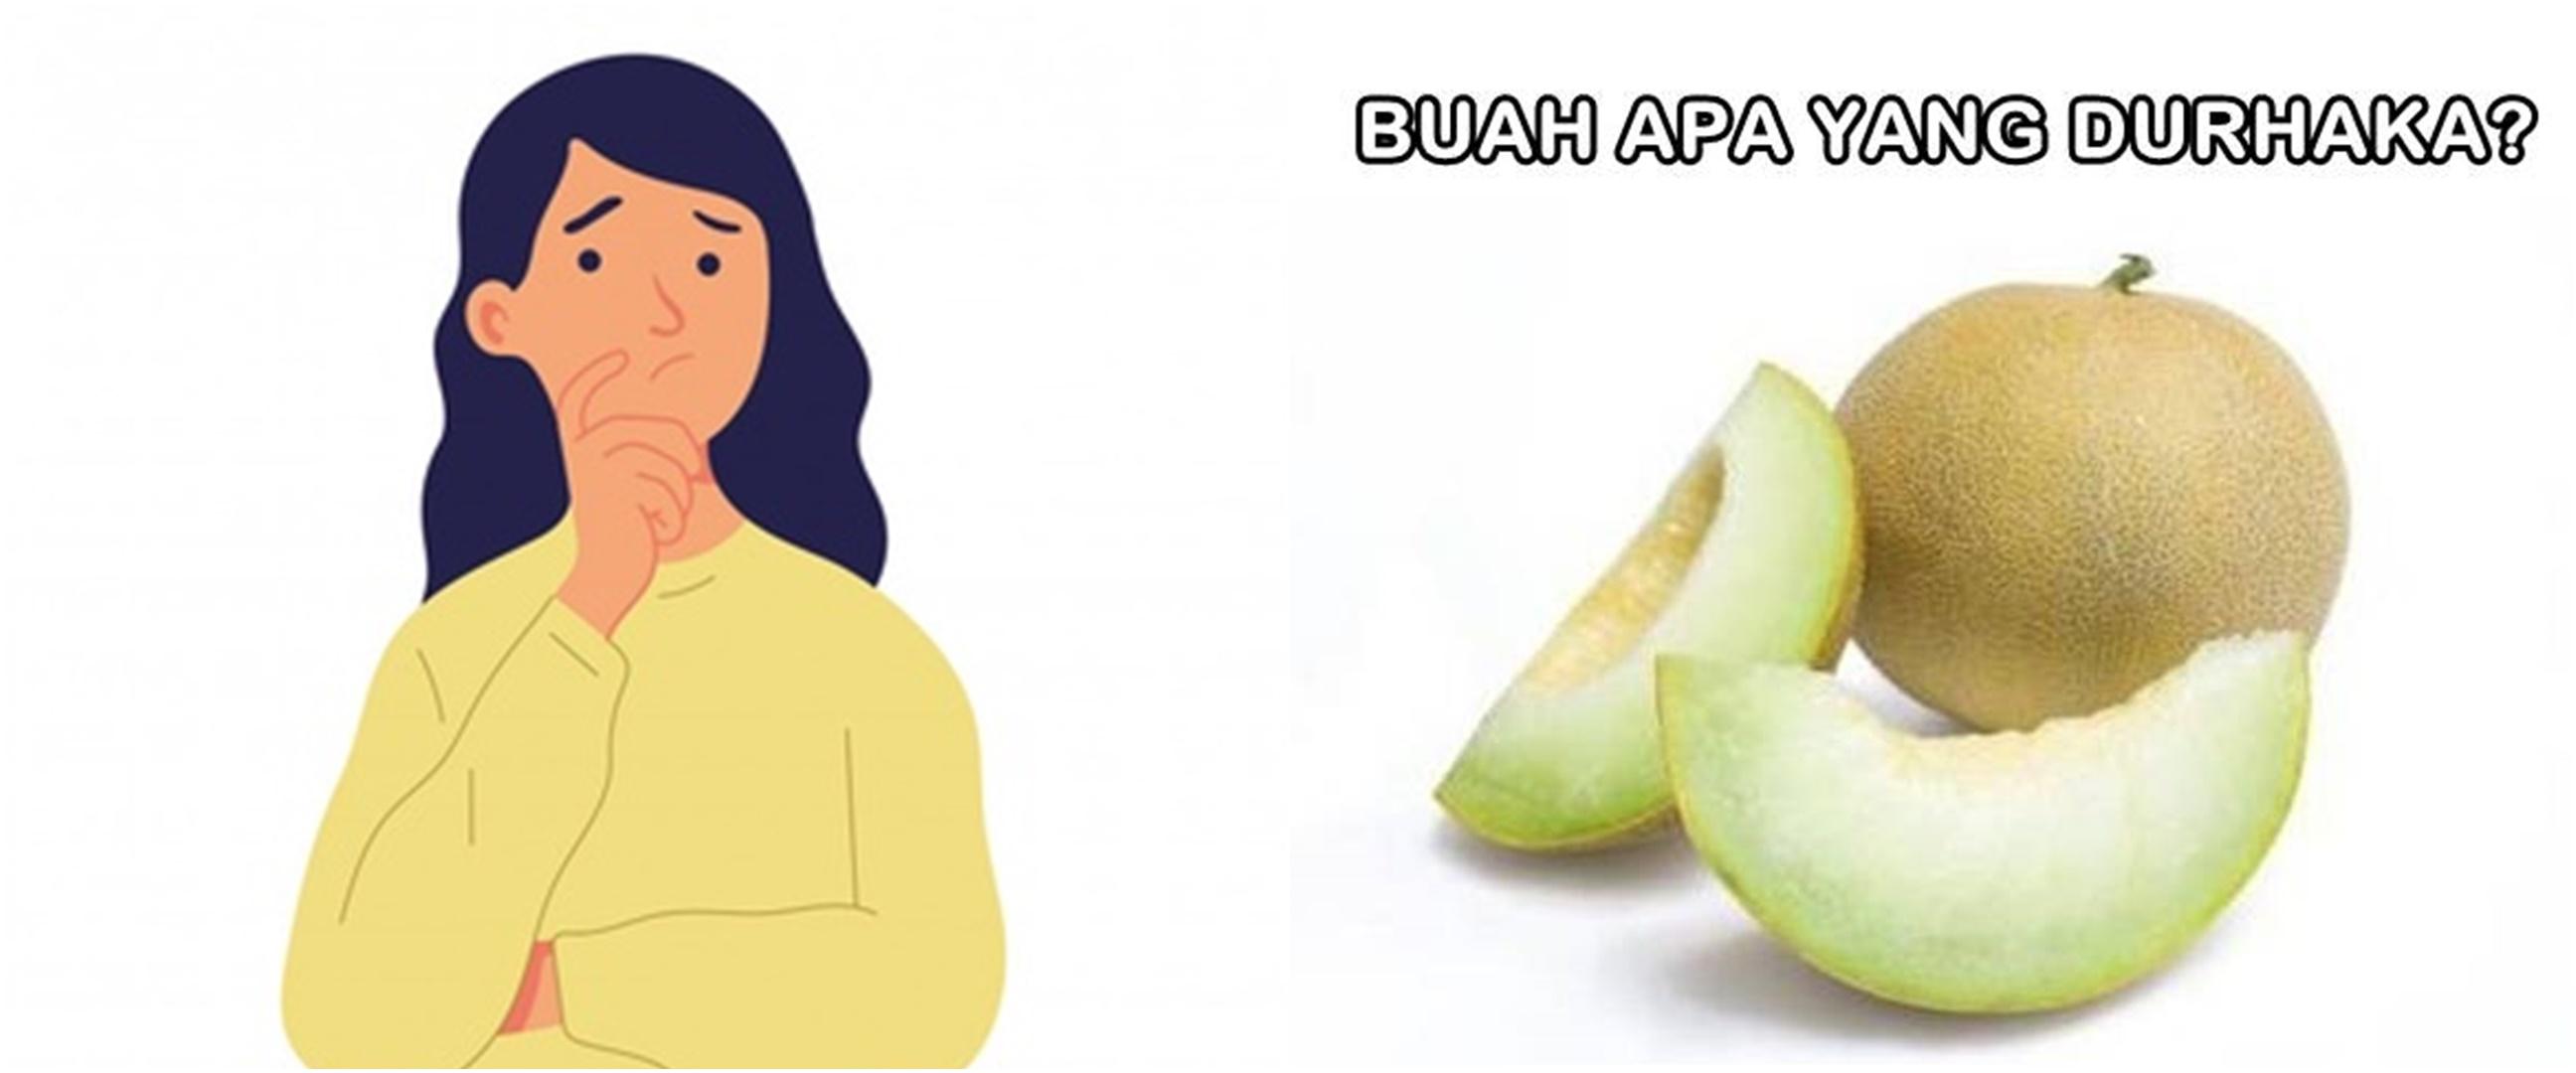 30 Tebak-tebakan lucu nama buah, kocak dan bikin ketawa terbahak-bahak